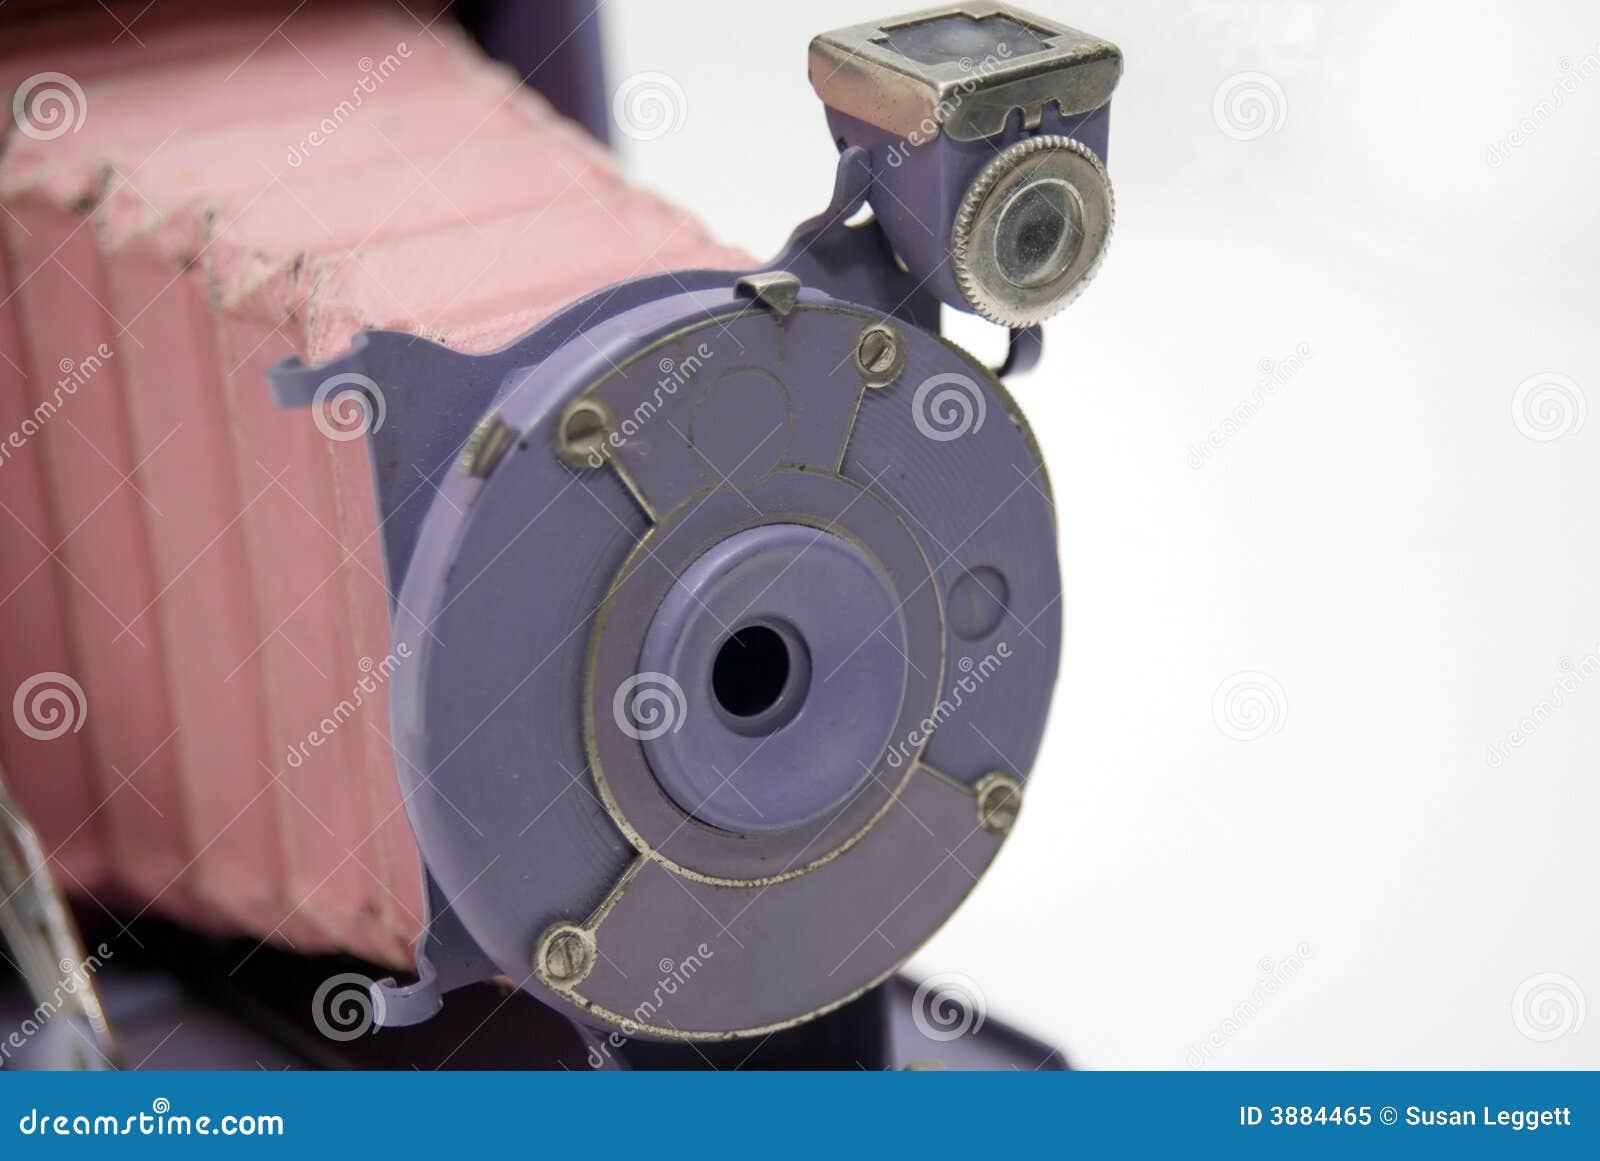 Colorful Antique Camera